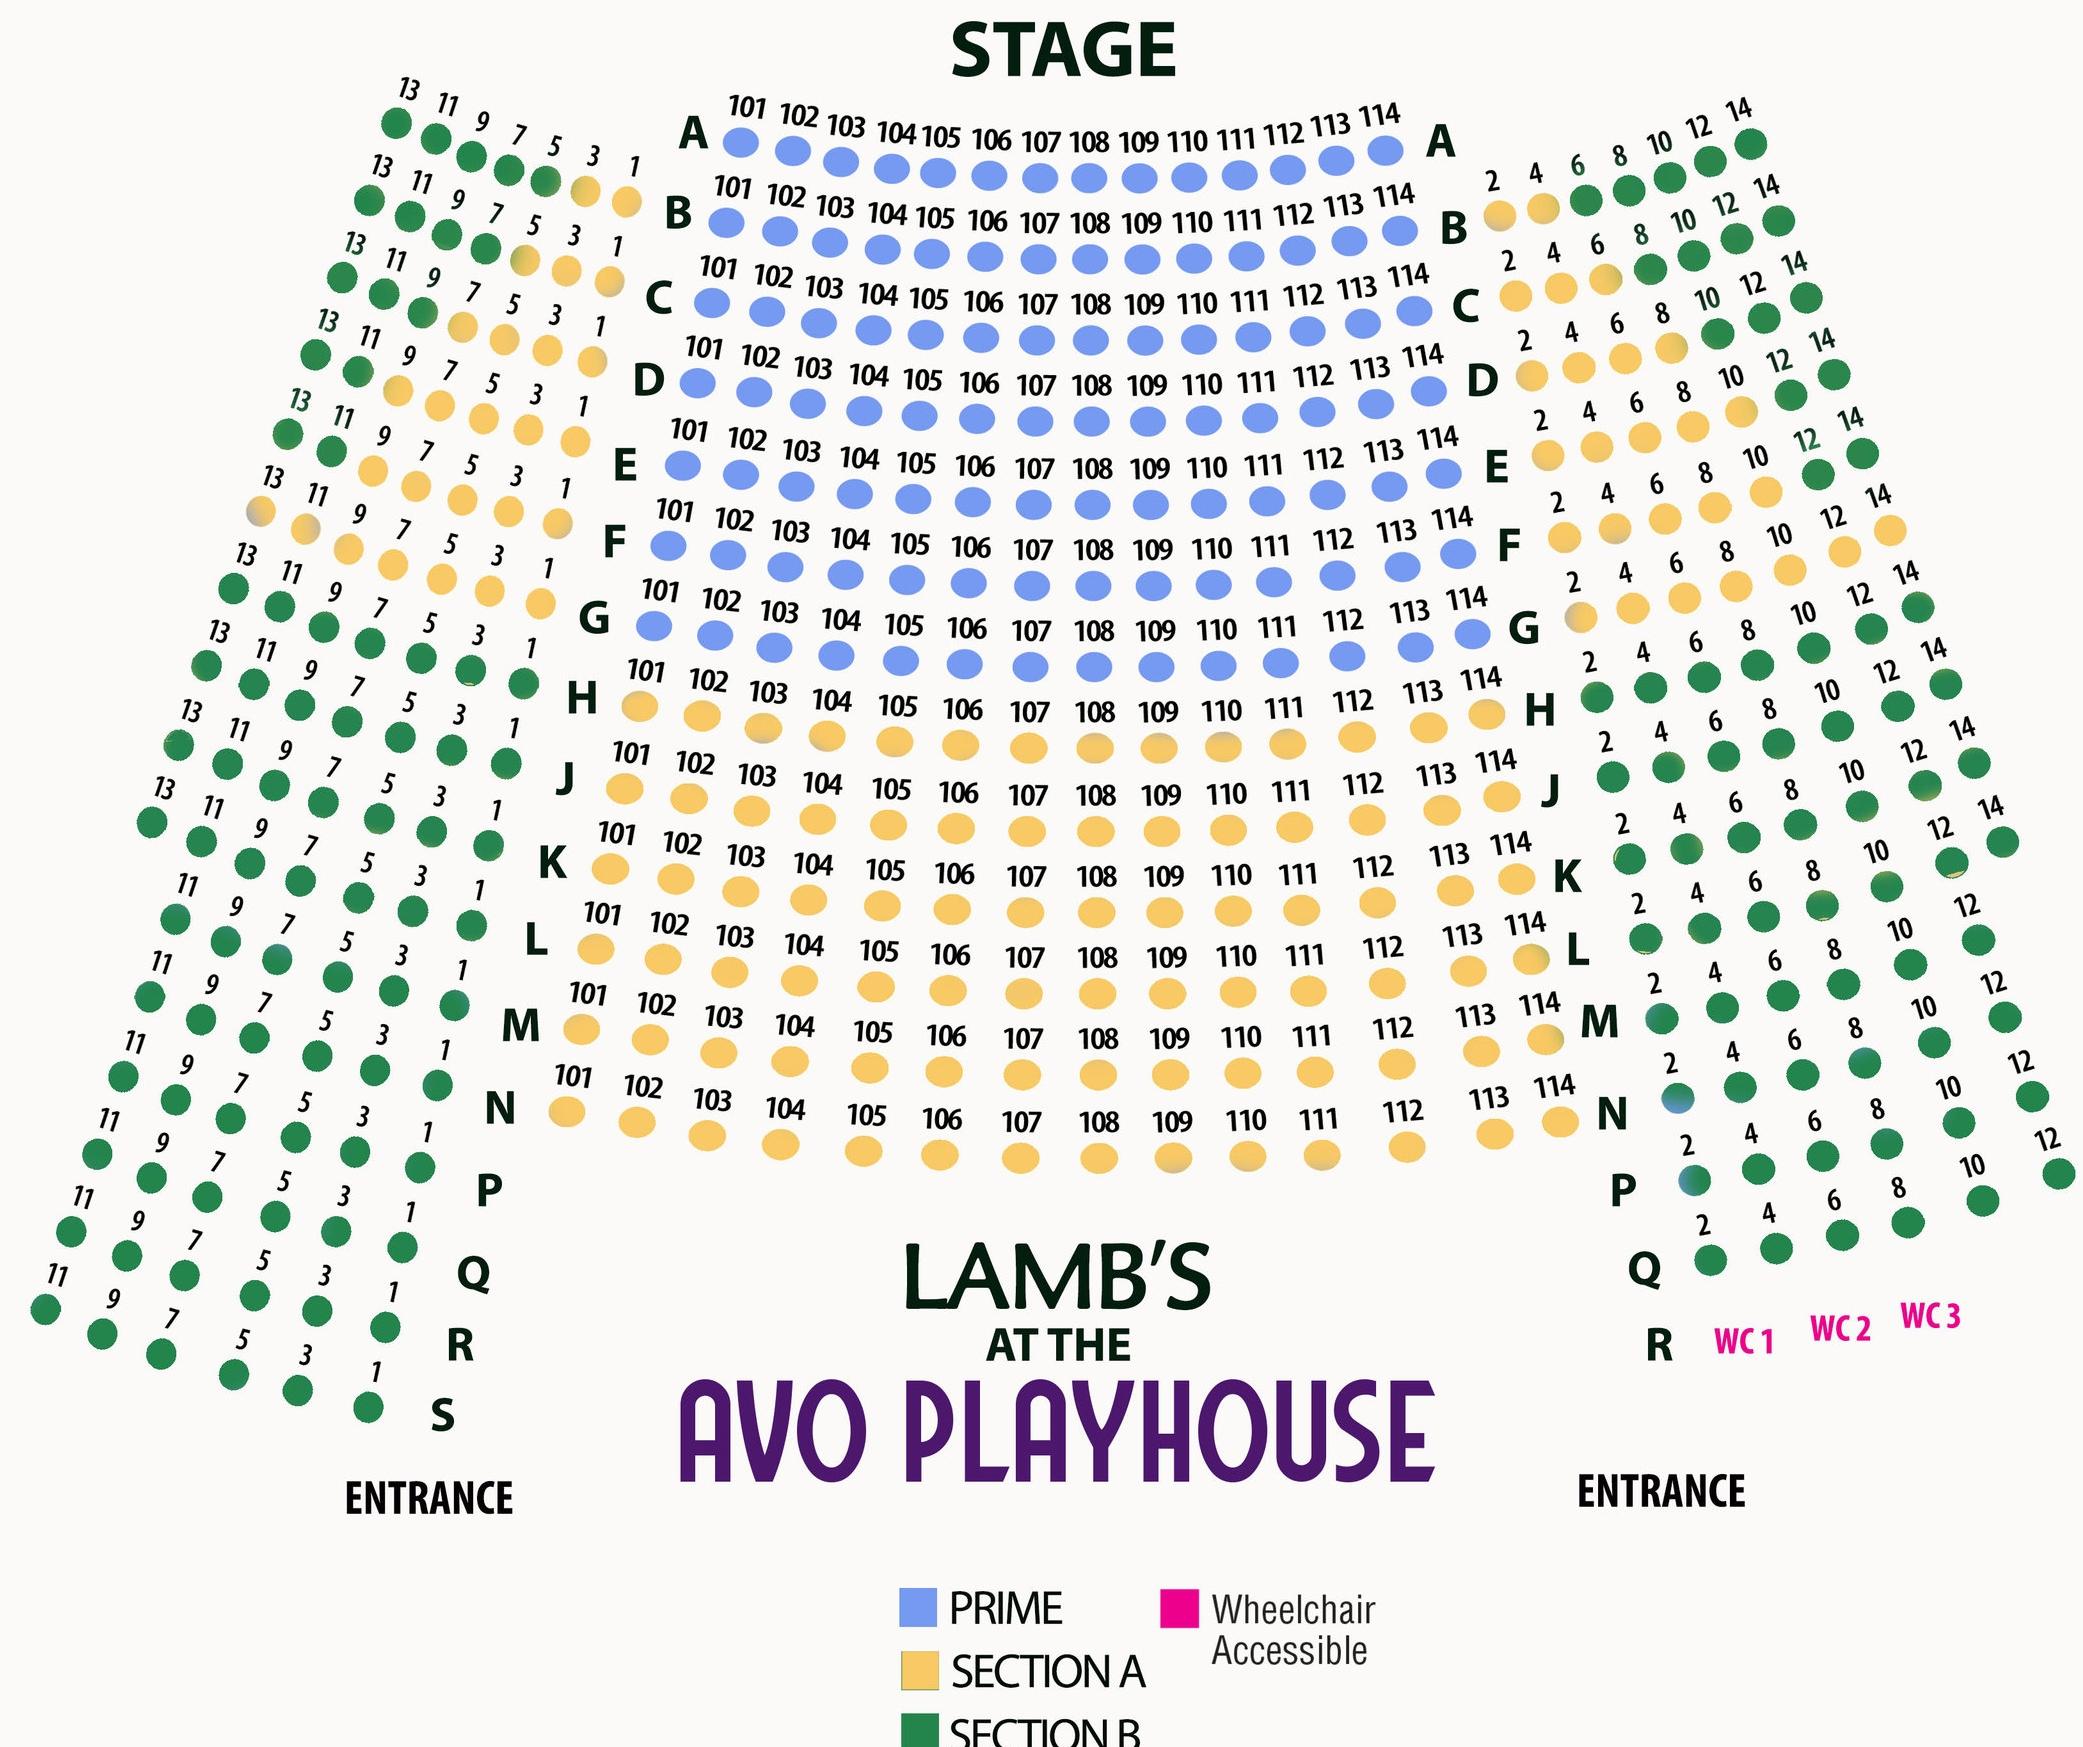 AVO seating chart.jpg